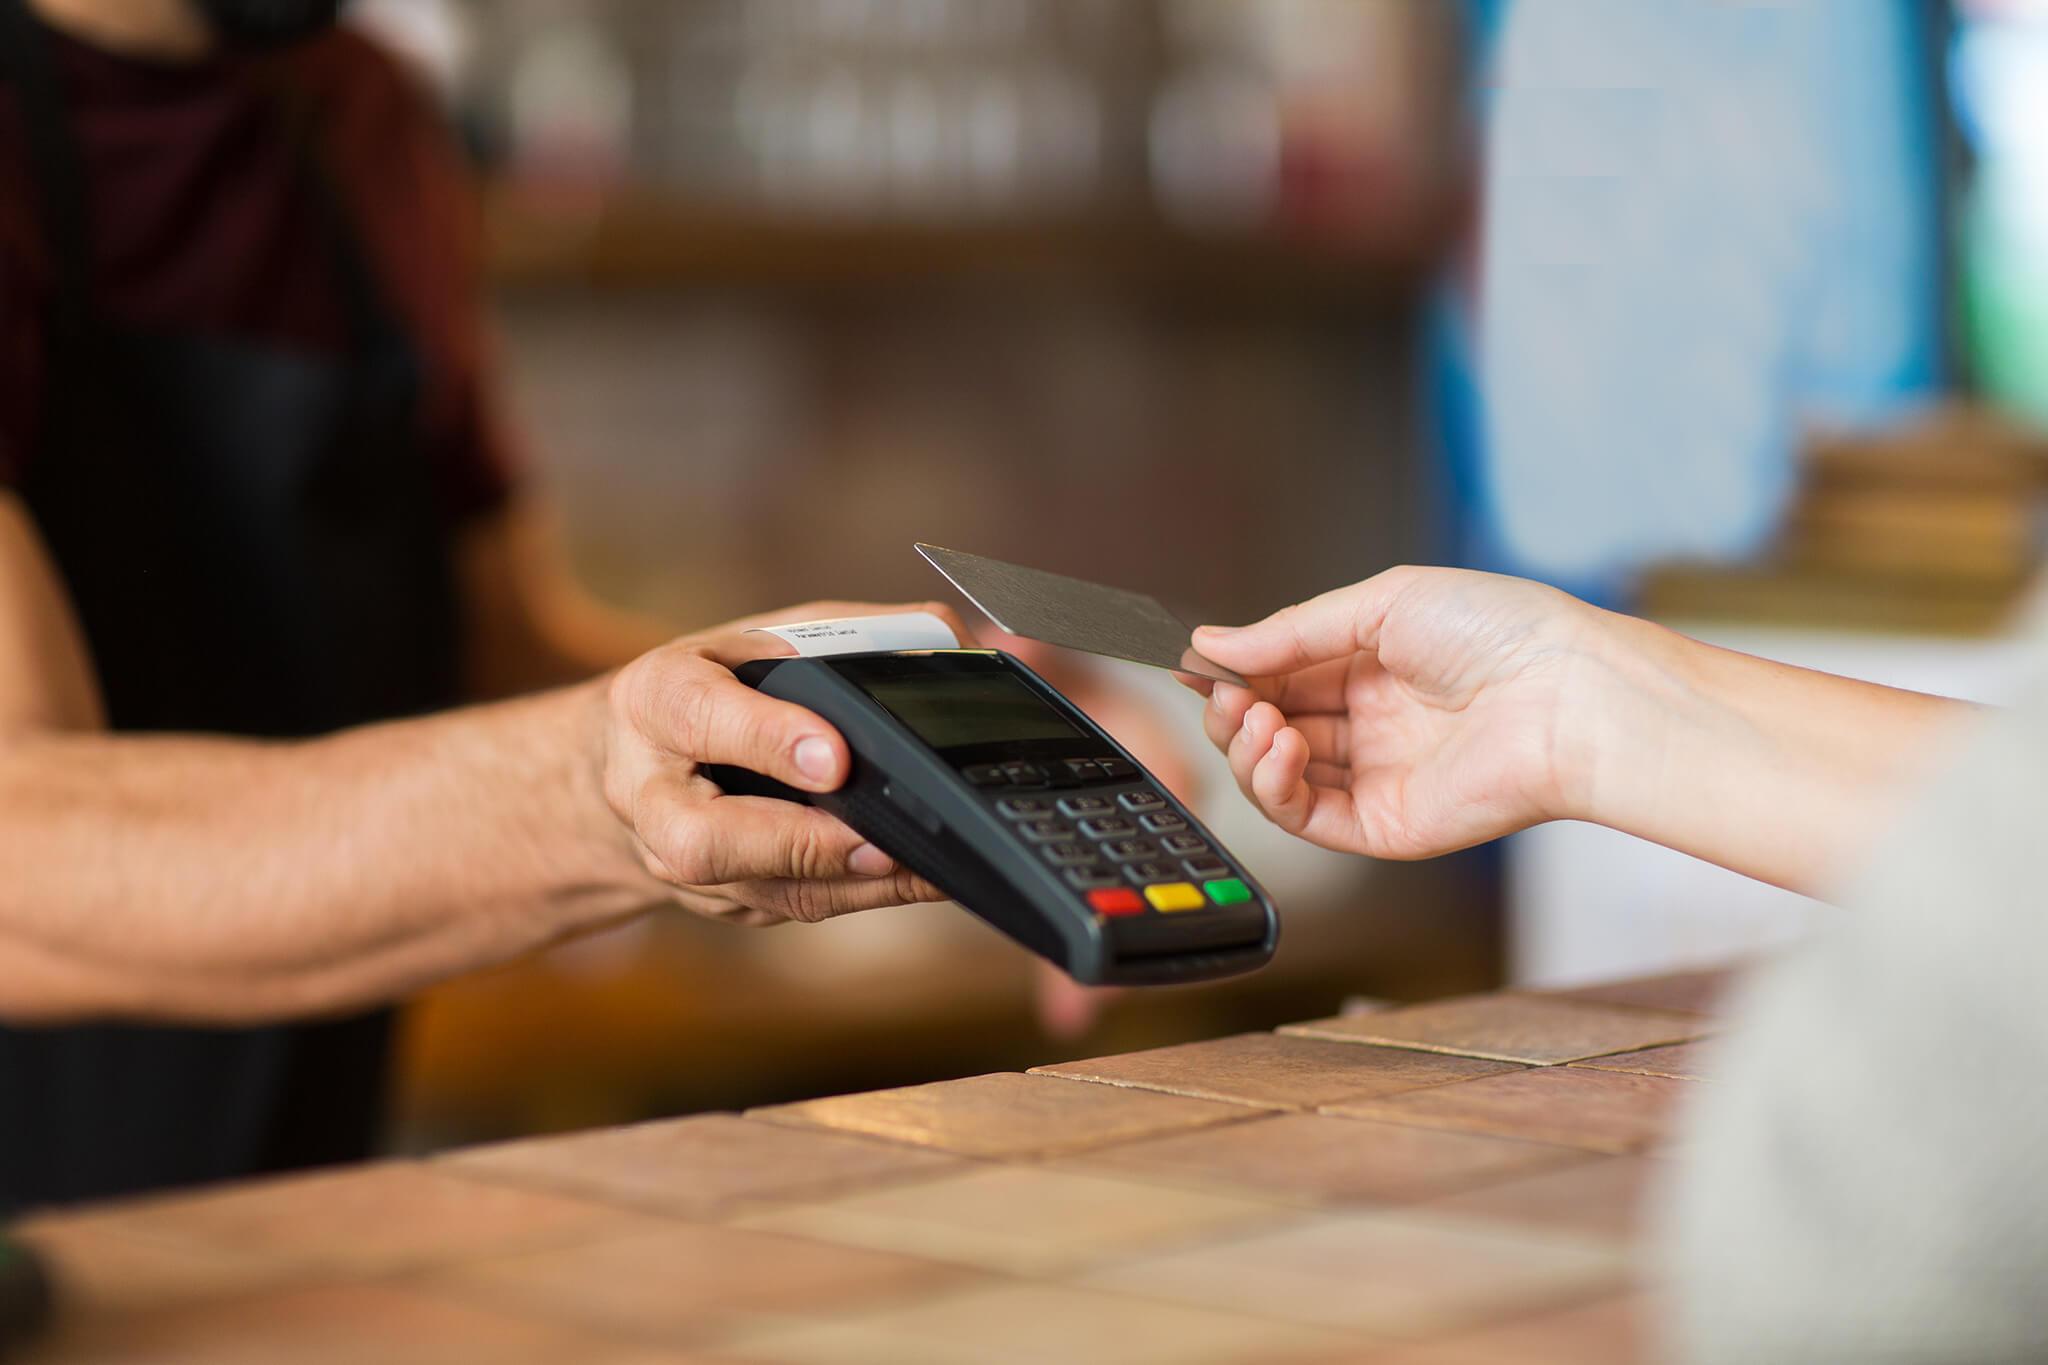 Cartões de Supermercado, confira como esses cartões funcionam e seus benefícios